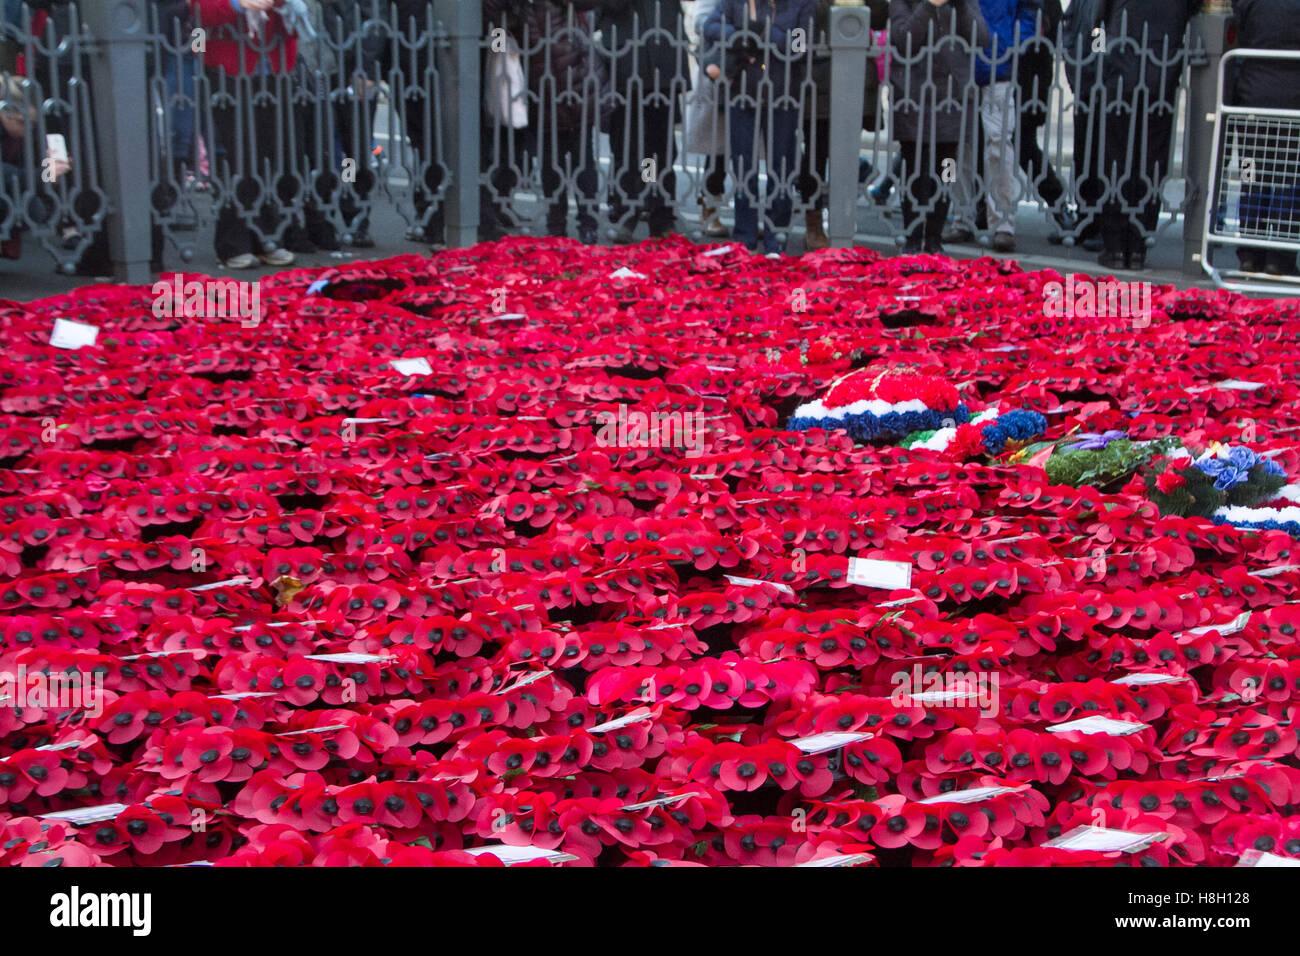 London UK.13 Novembre 2016. Les grandes foules voir le mémorial des couronnes placées autour du cénotaphe au cours de Dimanche du souvenir par les membres de la famille royale, les politiciens et les services Credit: amer ghazzal/Alamy Live News Banque D'Images